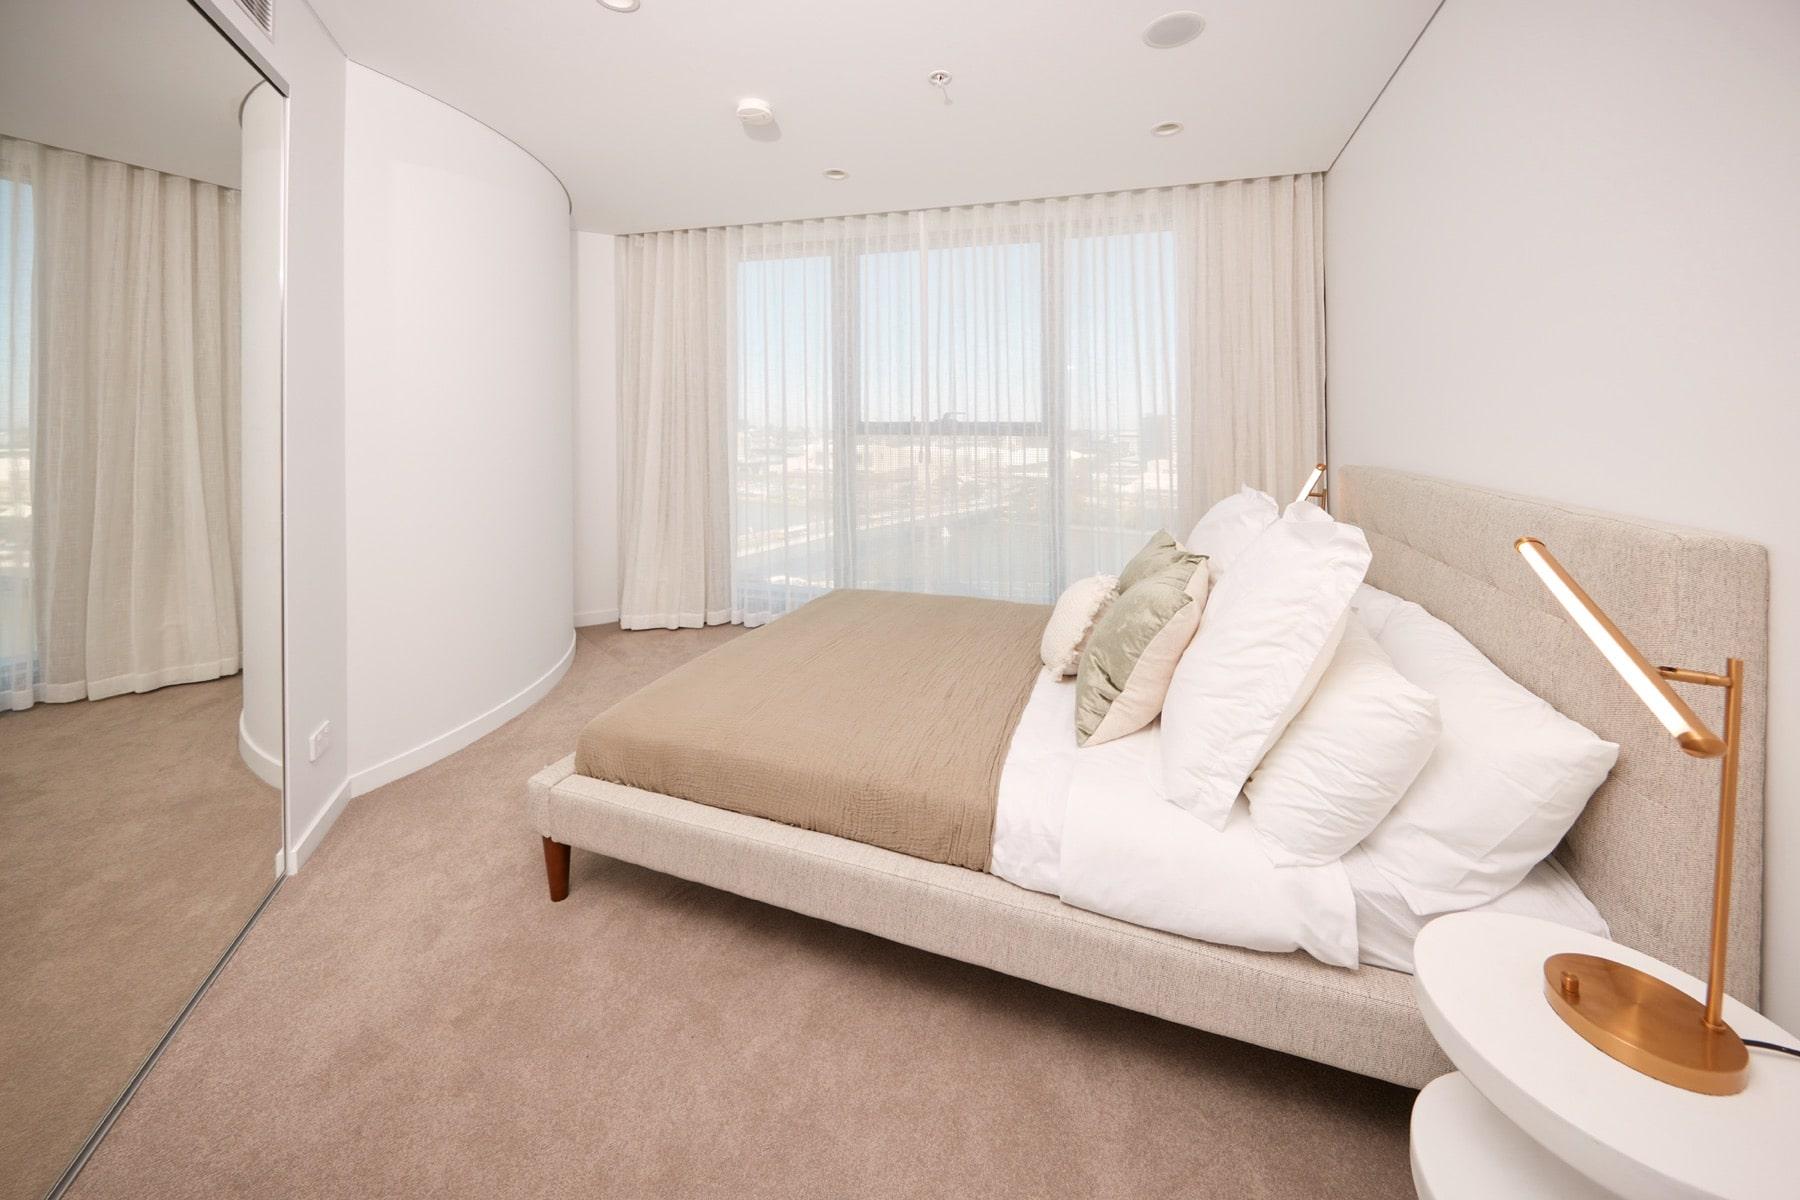 2 Bedroom - Bedroom 2